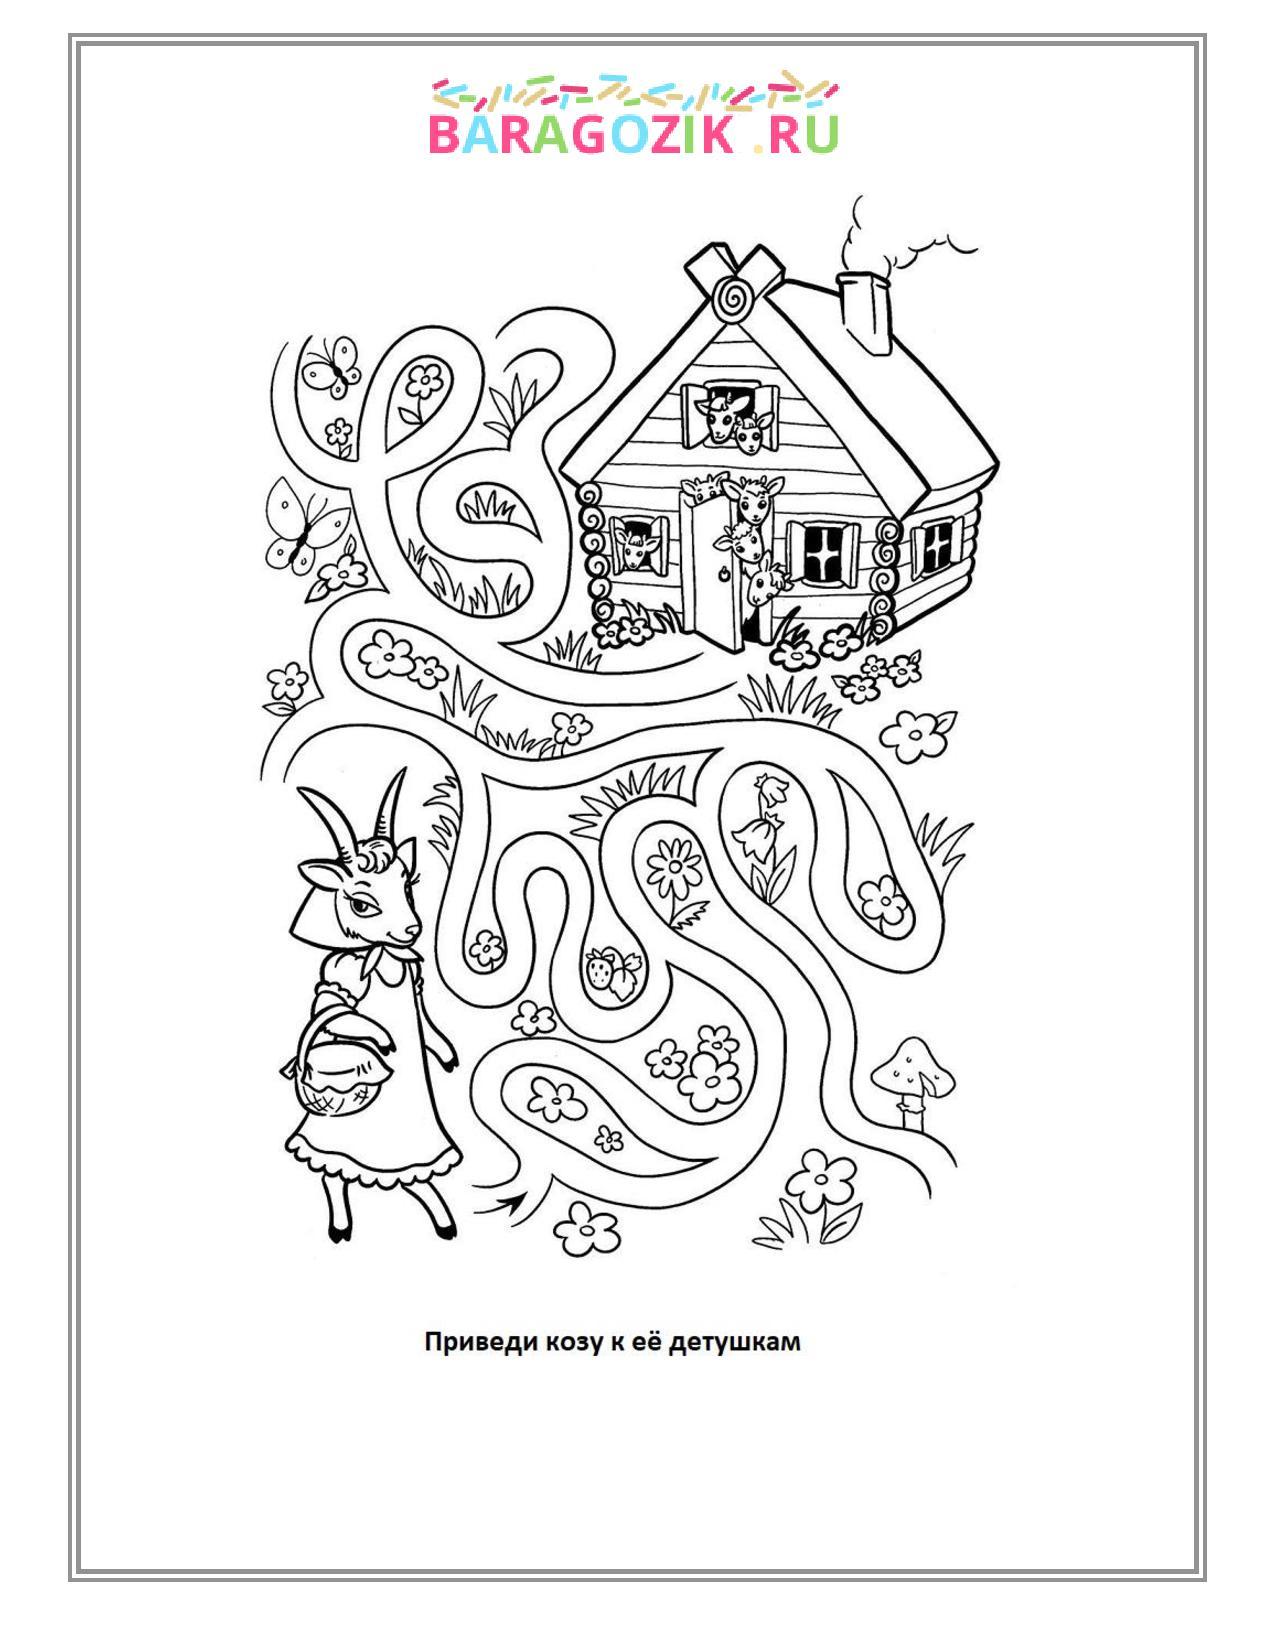 Сборники лабиринтов для детей 3-7 лет — скачайте бесплатно ...